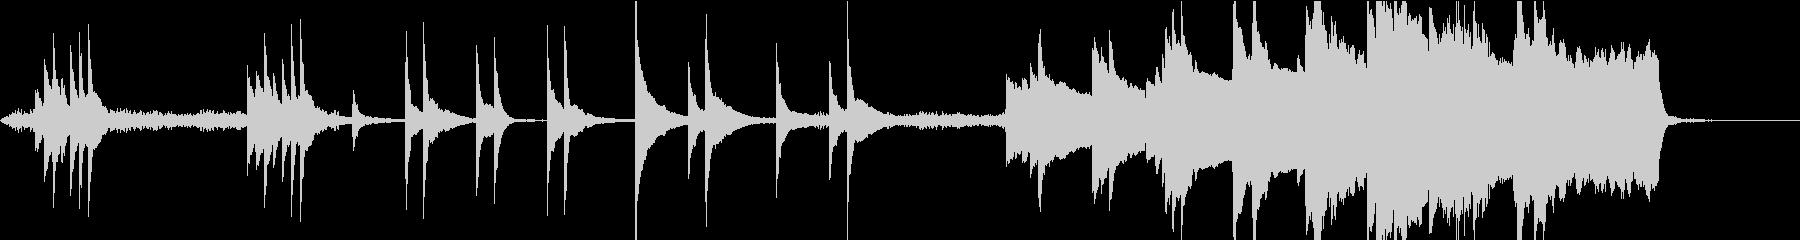 ダークファンタジーな雰囲気のBGM-Sの未再生の波形